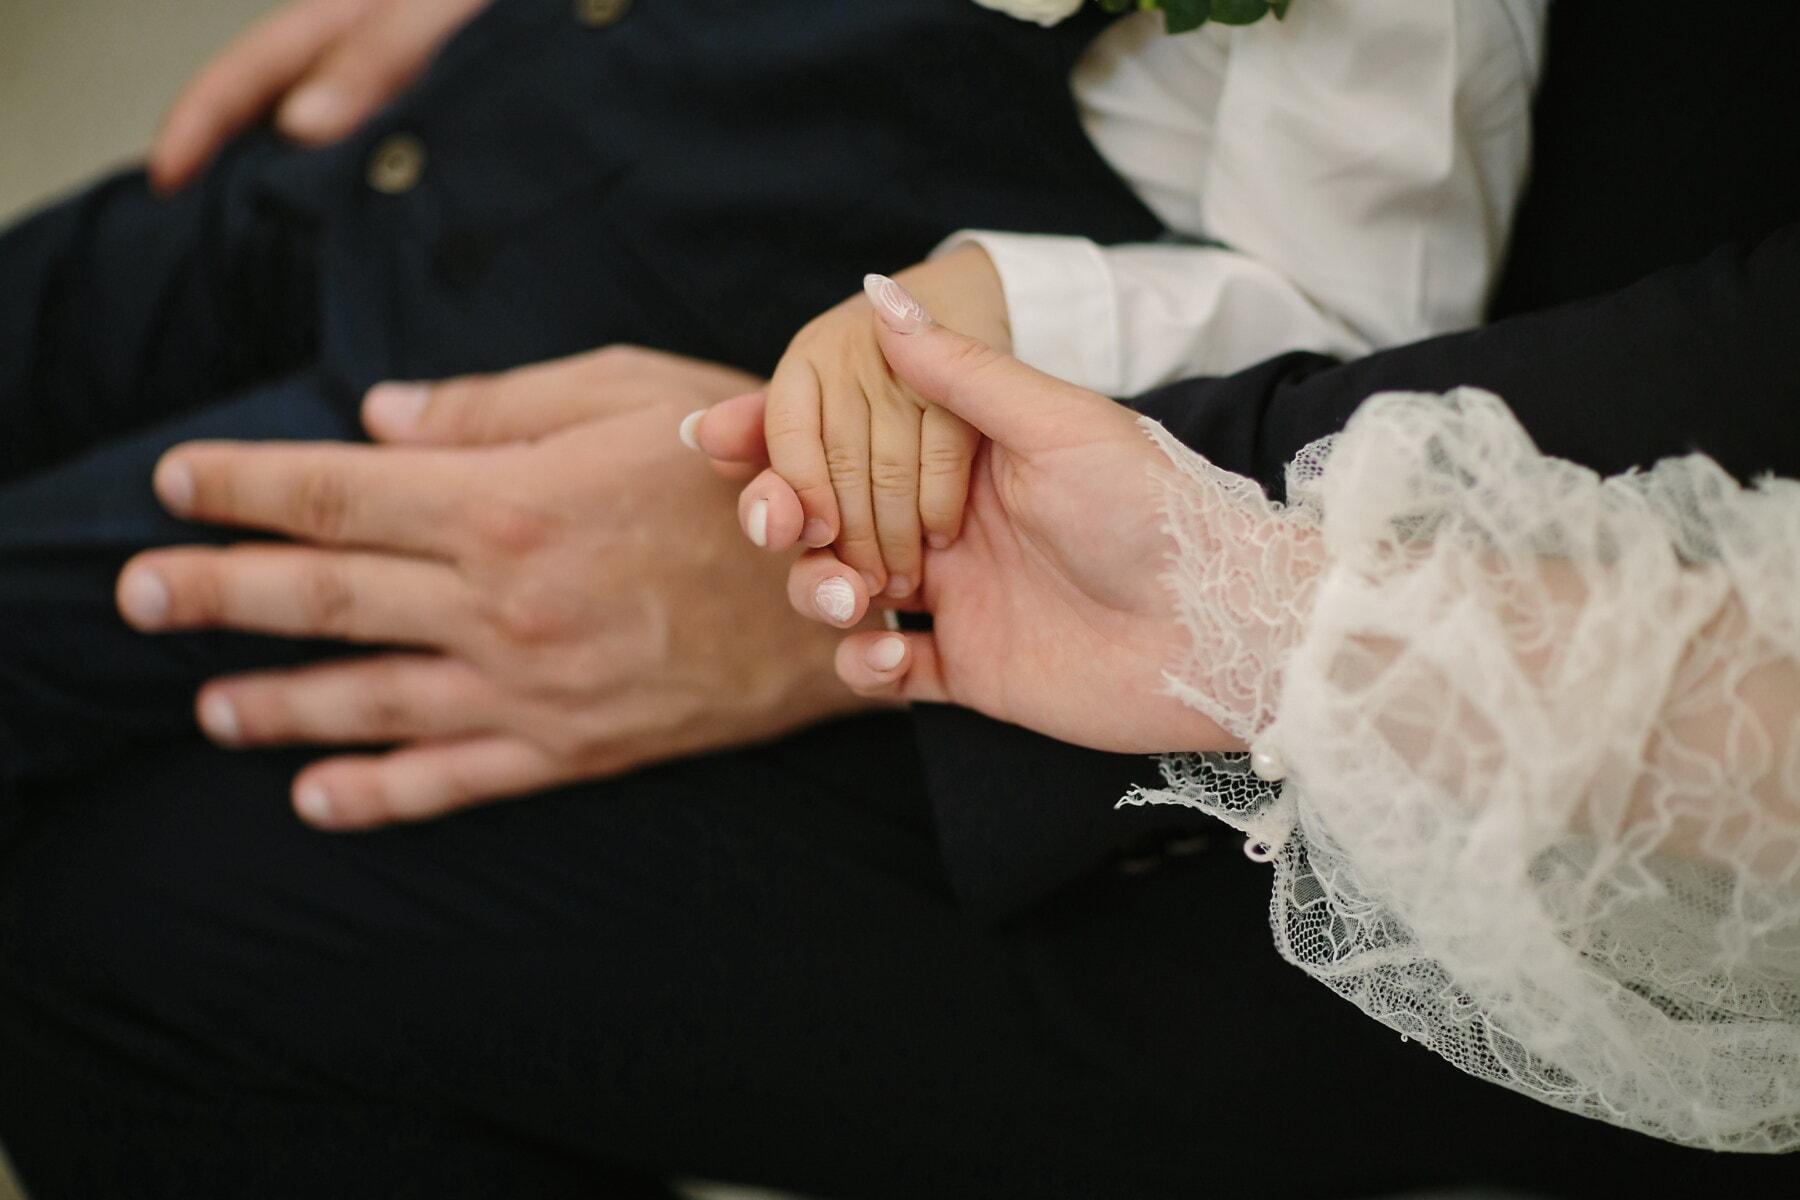 Liebe, Liebesbeziehung, Valentinstag, Händchen halten, Leidenschaft, Zuneigung, Emotion, Hand, Frau, Hände